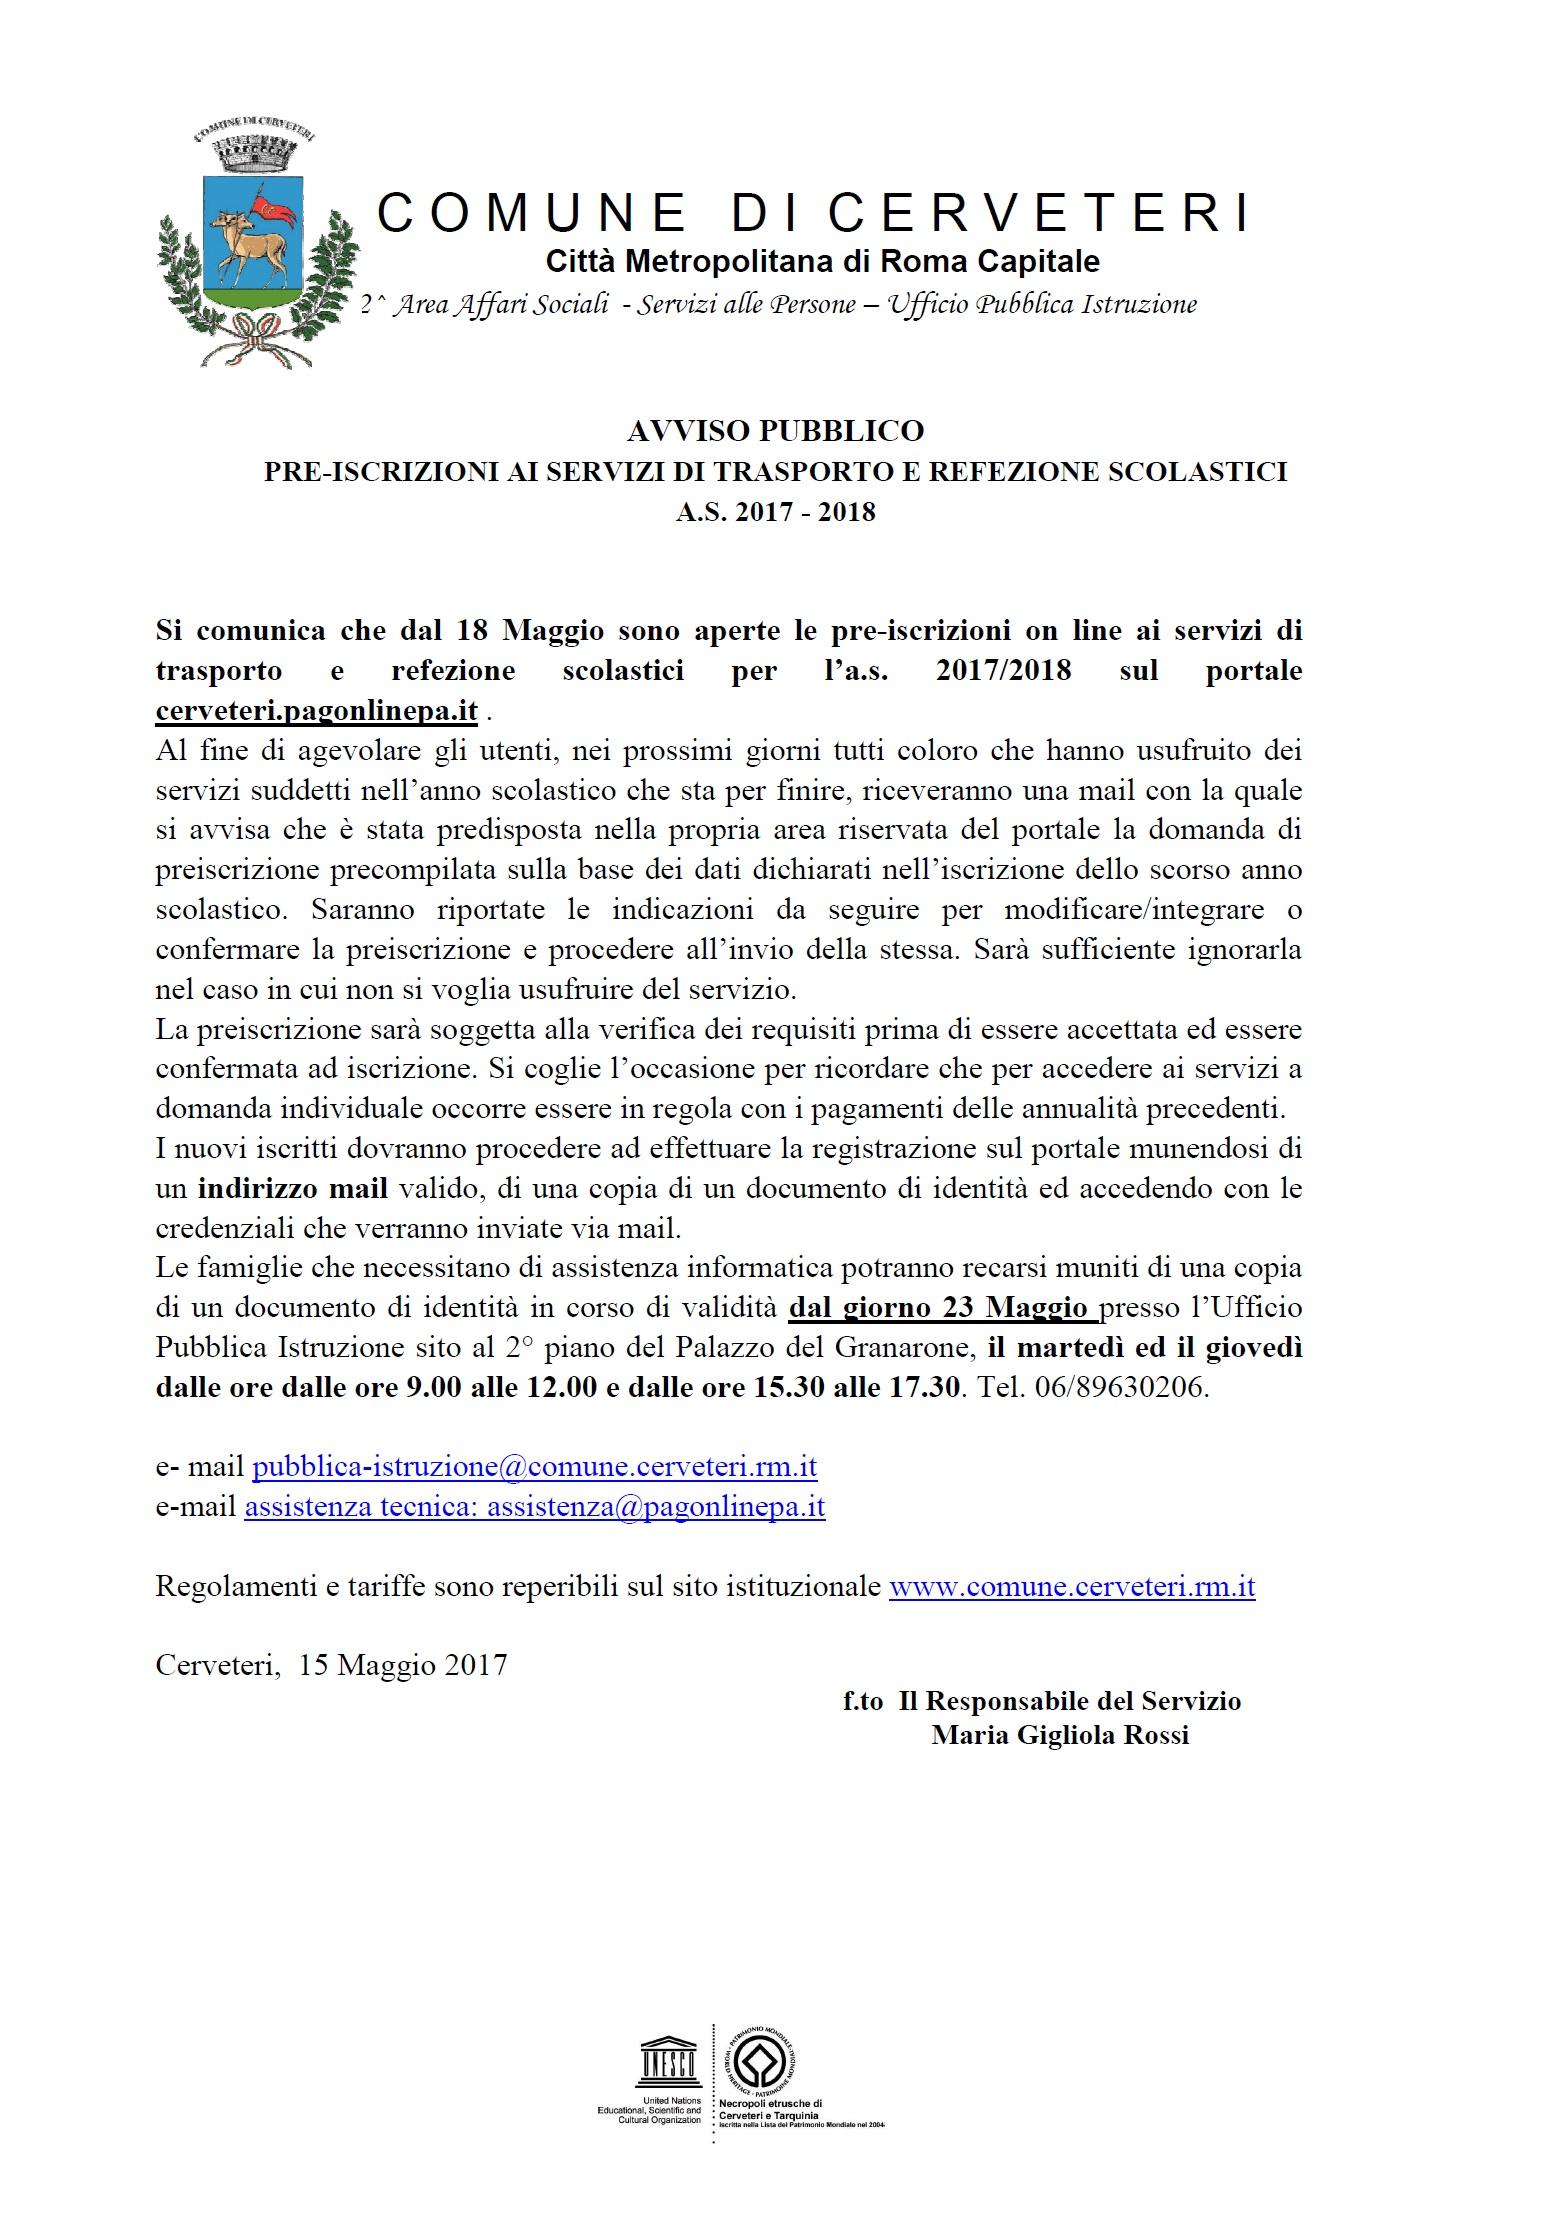 AVVISO PUBBLICO PRE-ISCRIZIONI AI SERVIZI DI TRASPORTO E REFEZIONE SCOLASTICI A.S. 2017 - 2018